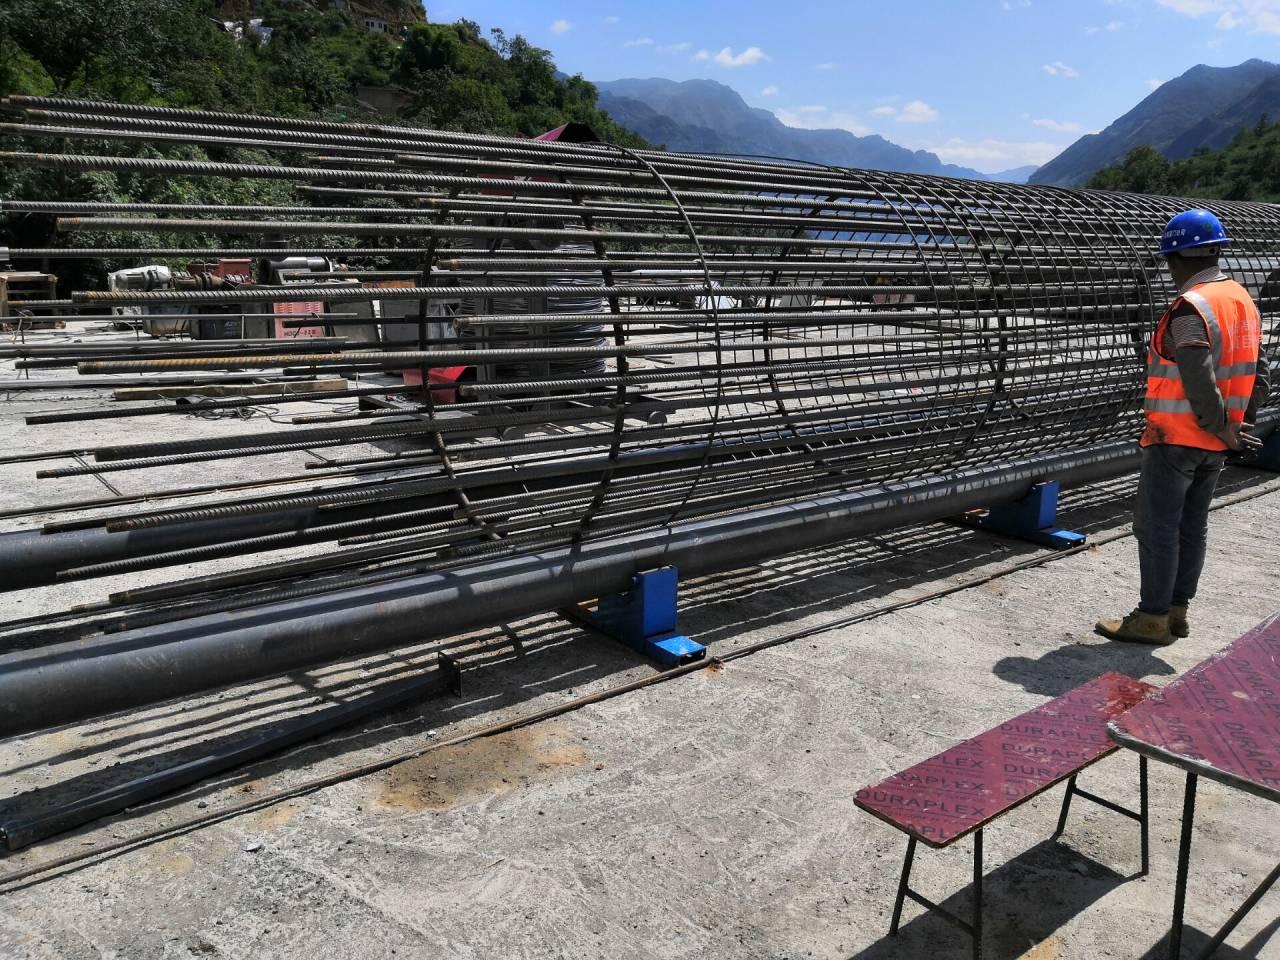 安徽省蚌埠市數控鋼筋籠繞筋機樁基盤絲機專業品質